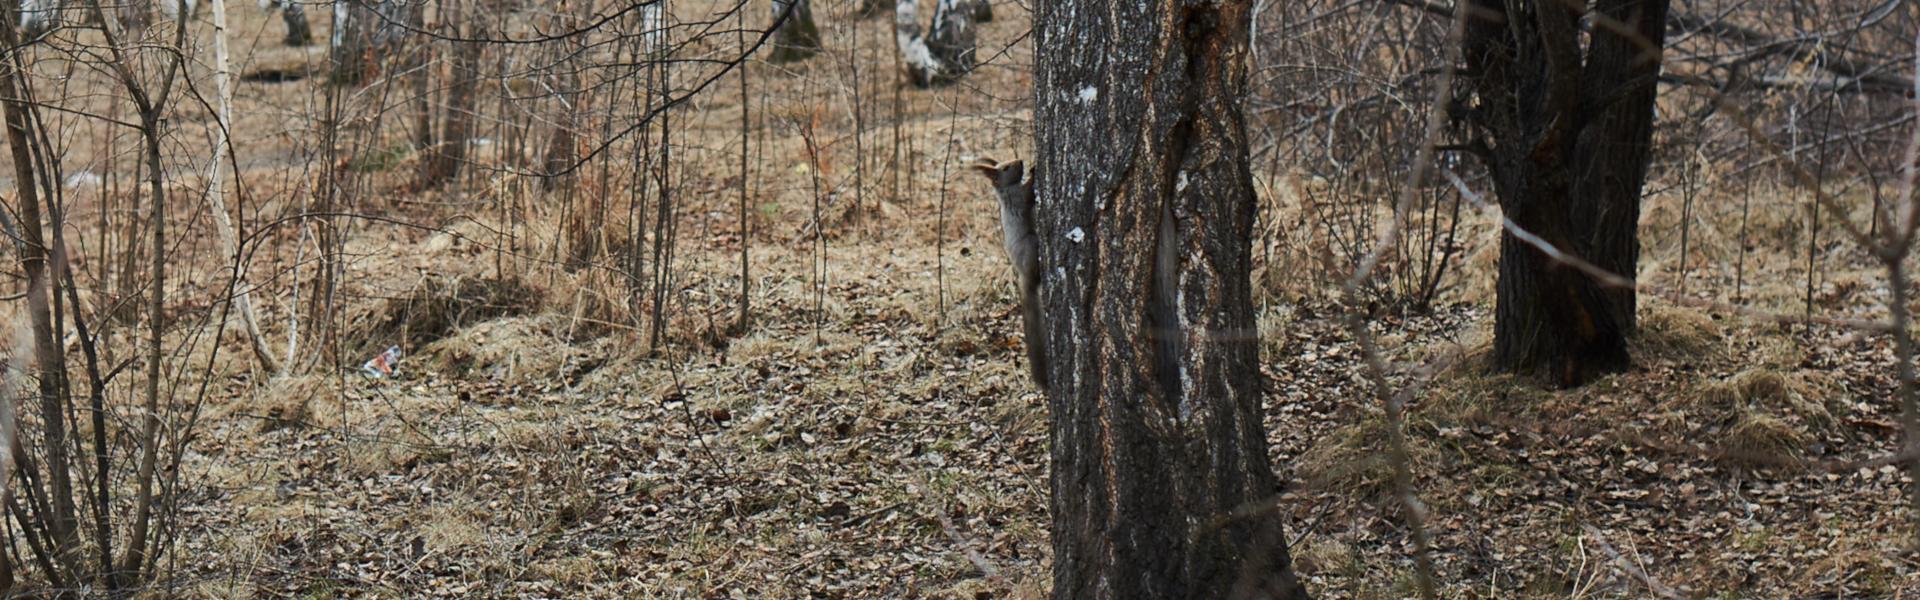 Почему горожане недовольны проектом благоустройства леса в Академгородке